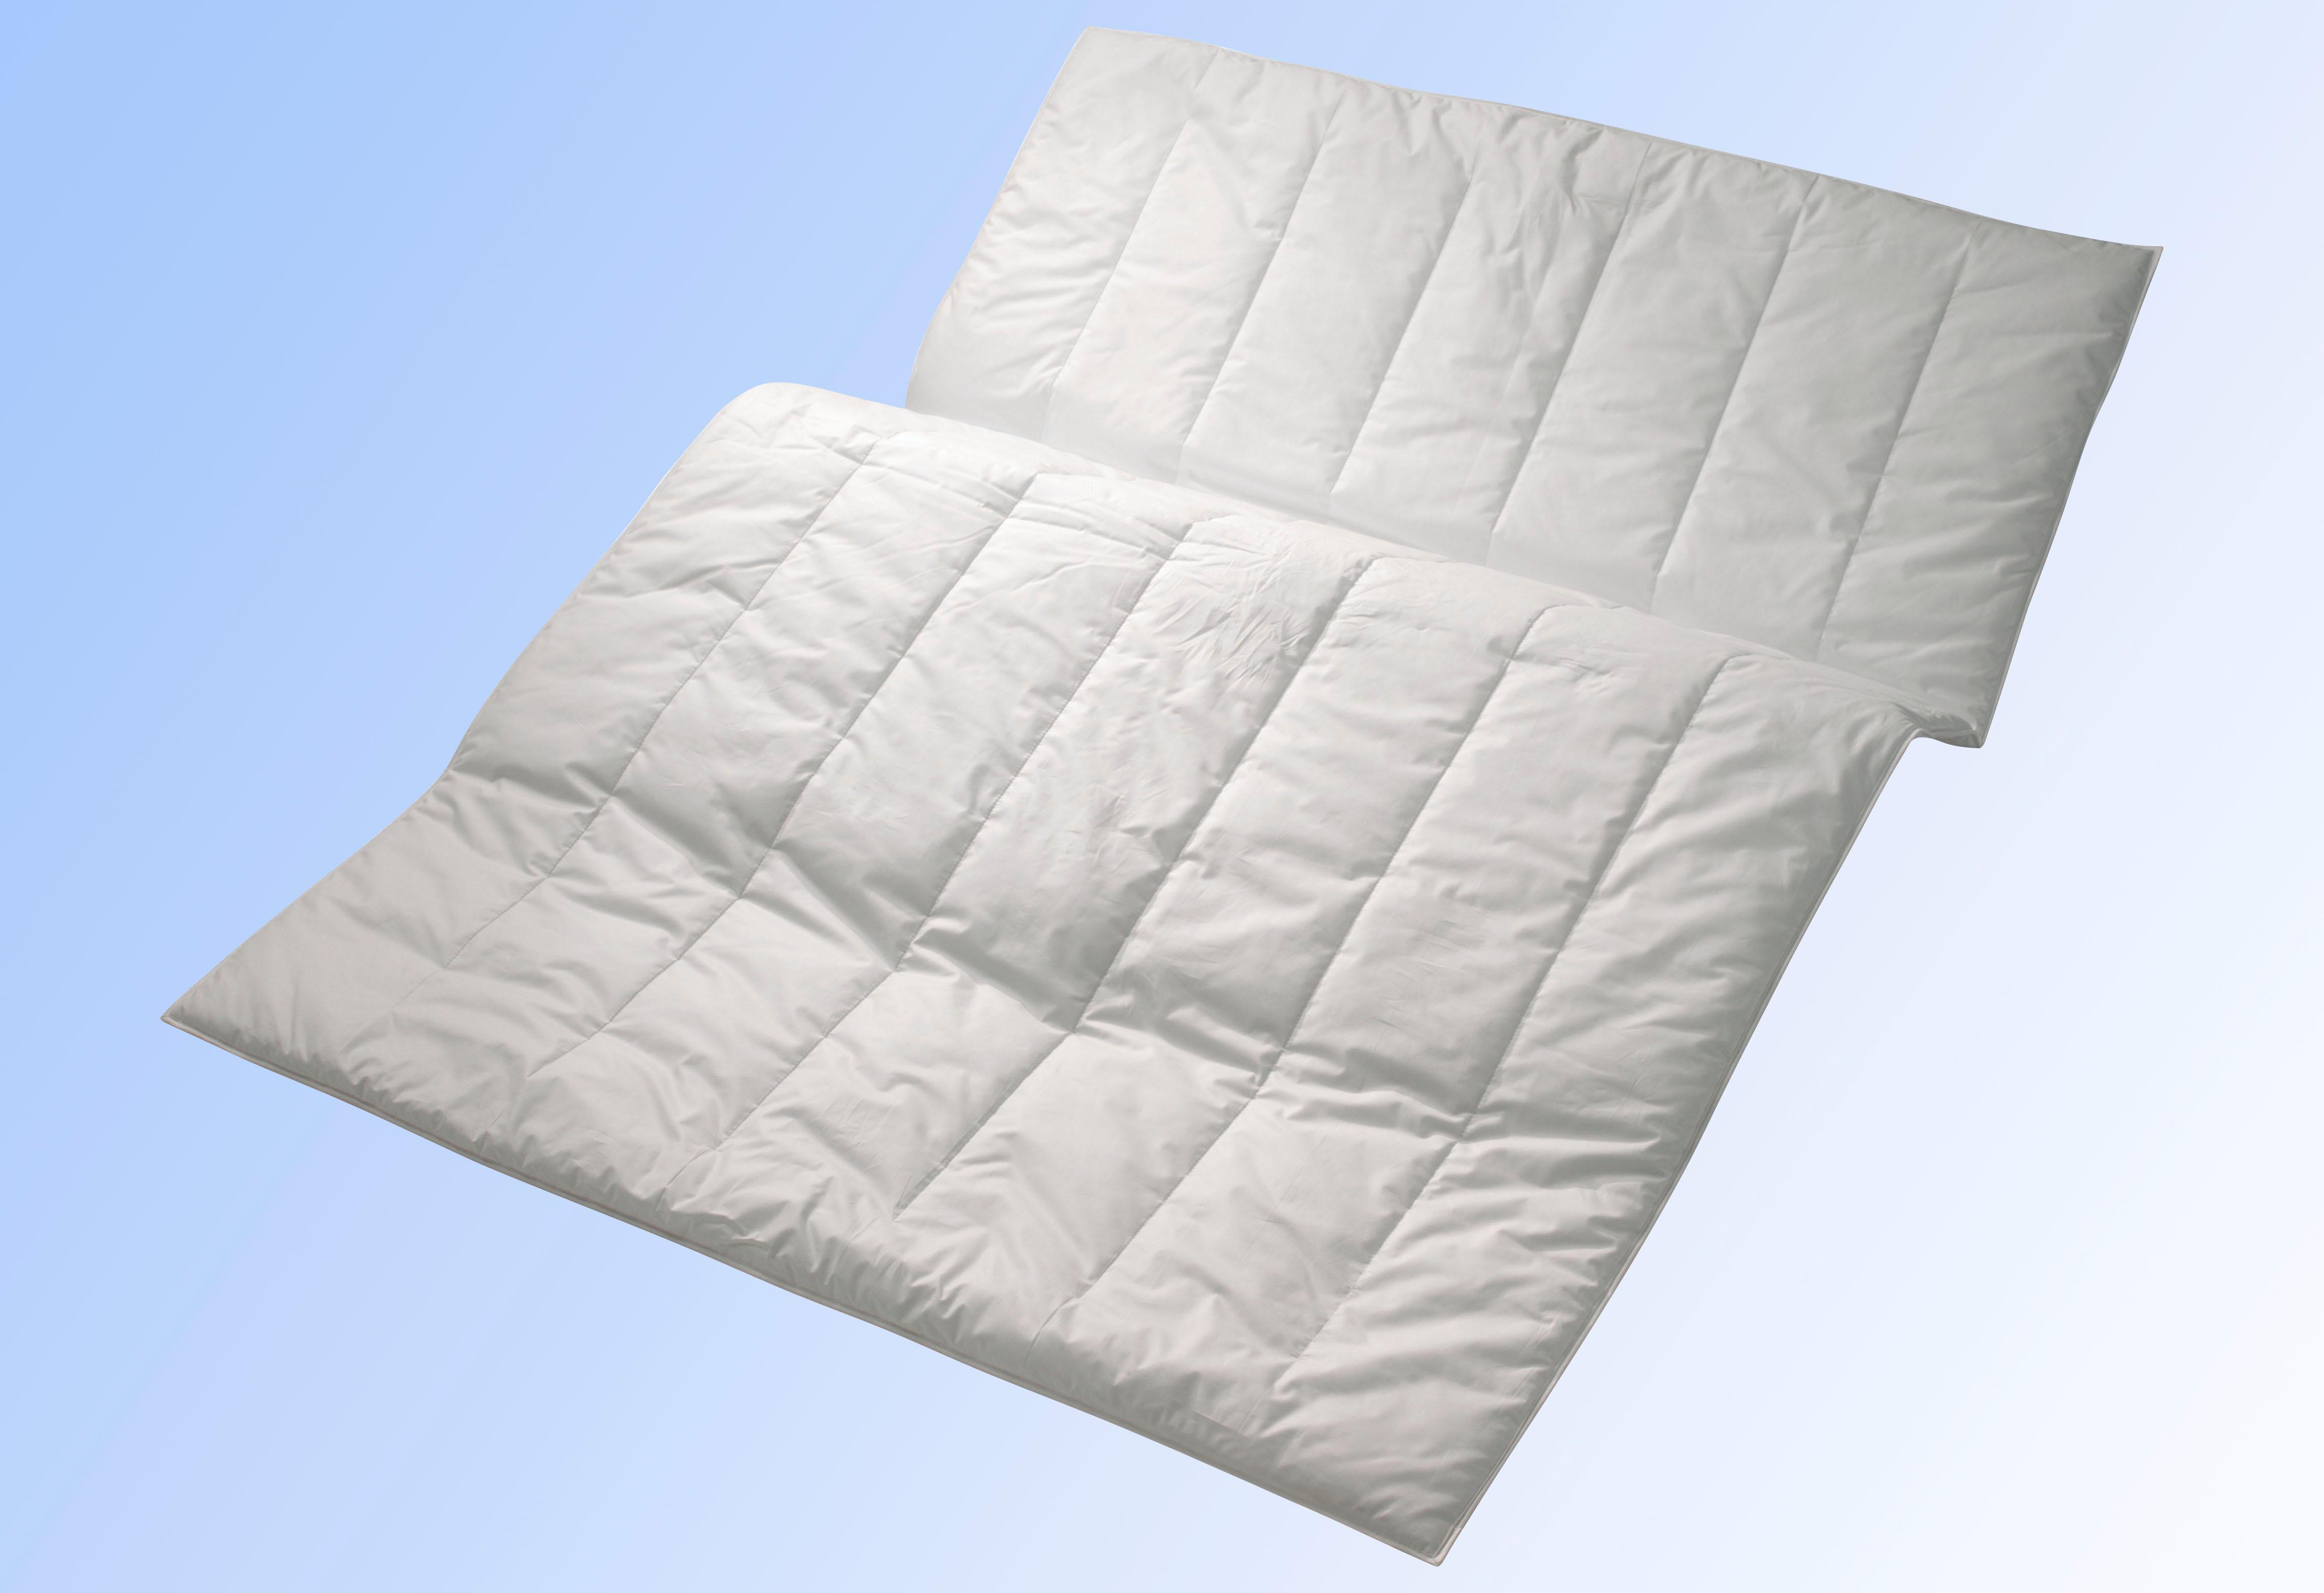 Microfaserbettdecke, »Sport Line«, Centa-Star, Bezug: 100% Baumwolle günstig online kaufen